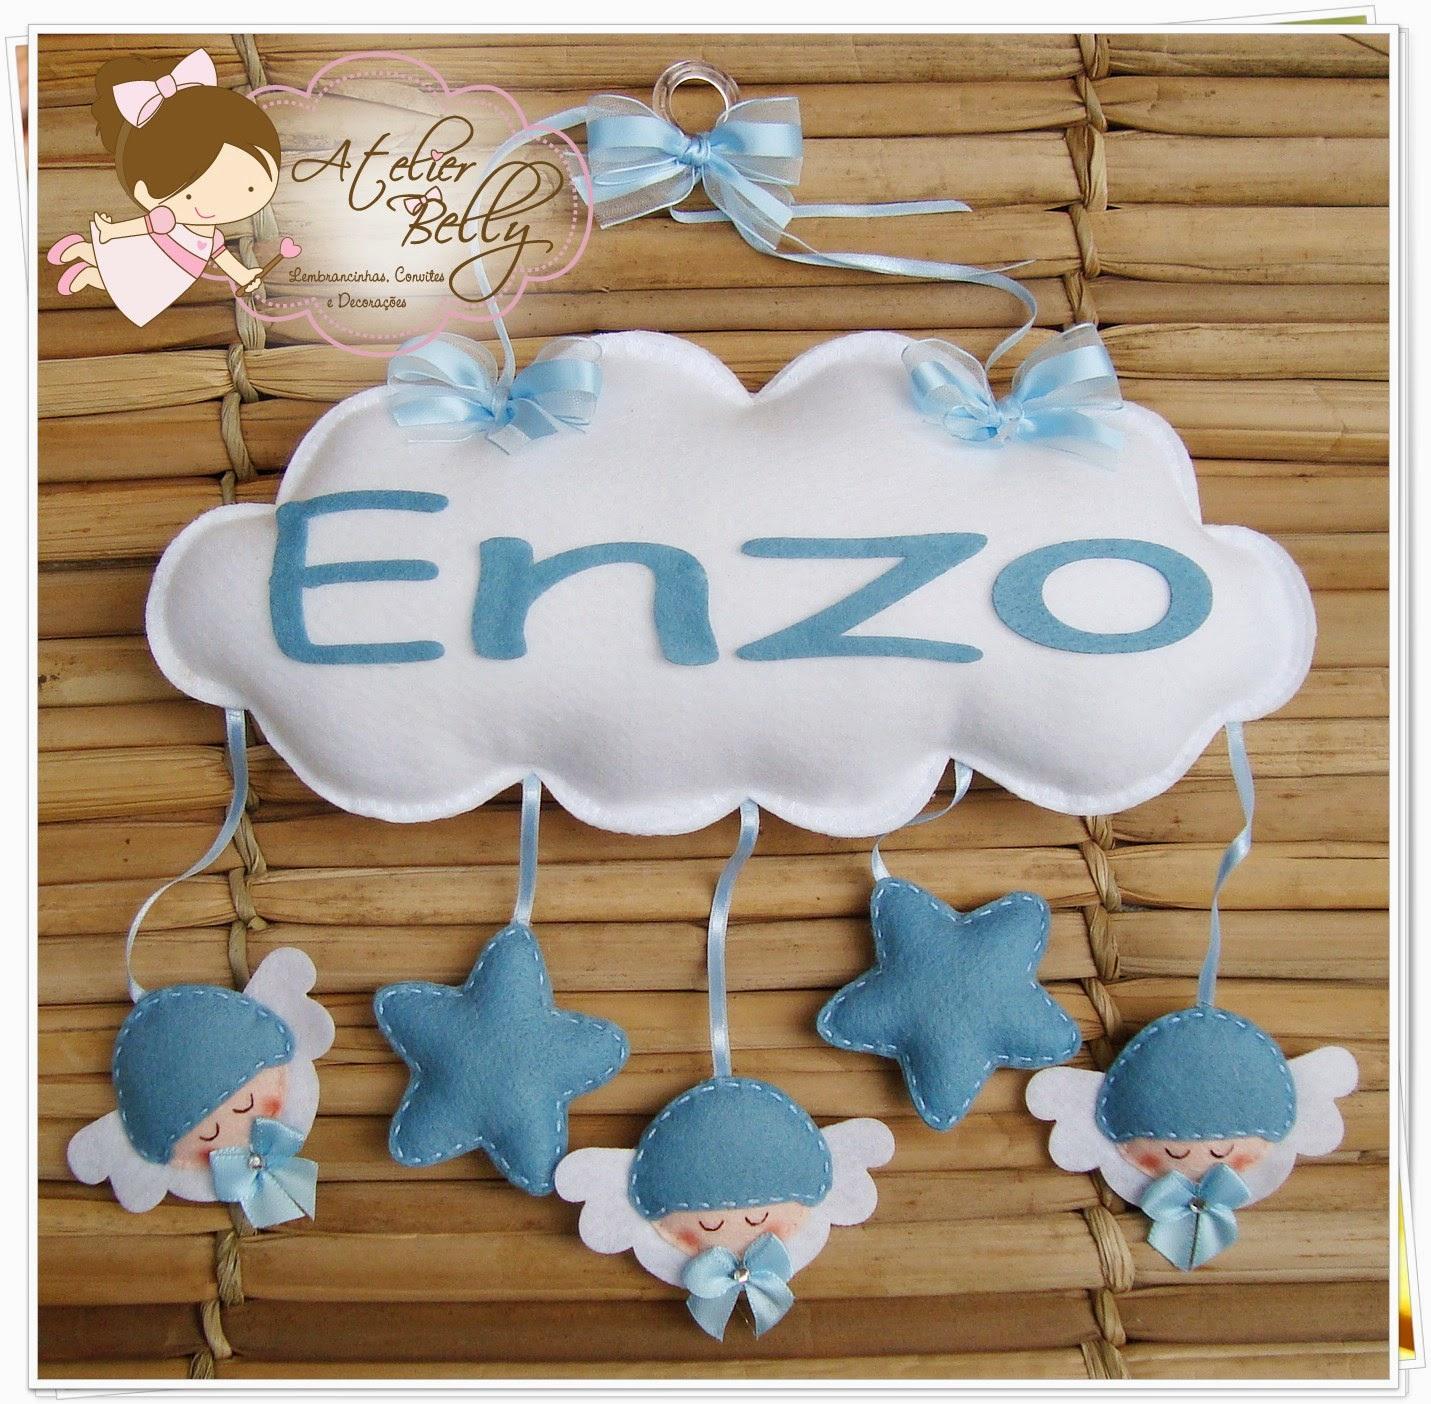 caaff6087eaaa Enfeite de porta maternidade - ANJINHO COM ESTRELAS Encomenda e orçamento   atelierbelly gmail.com